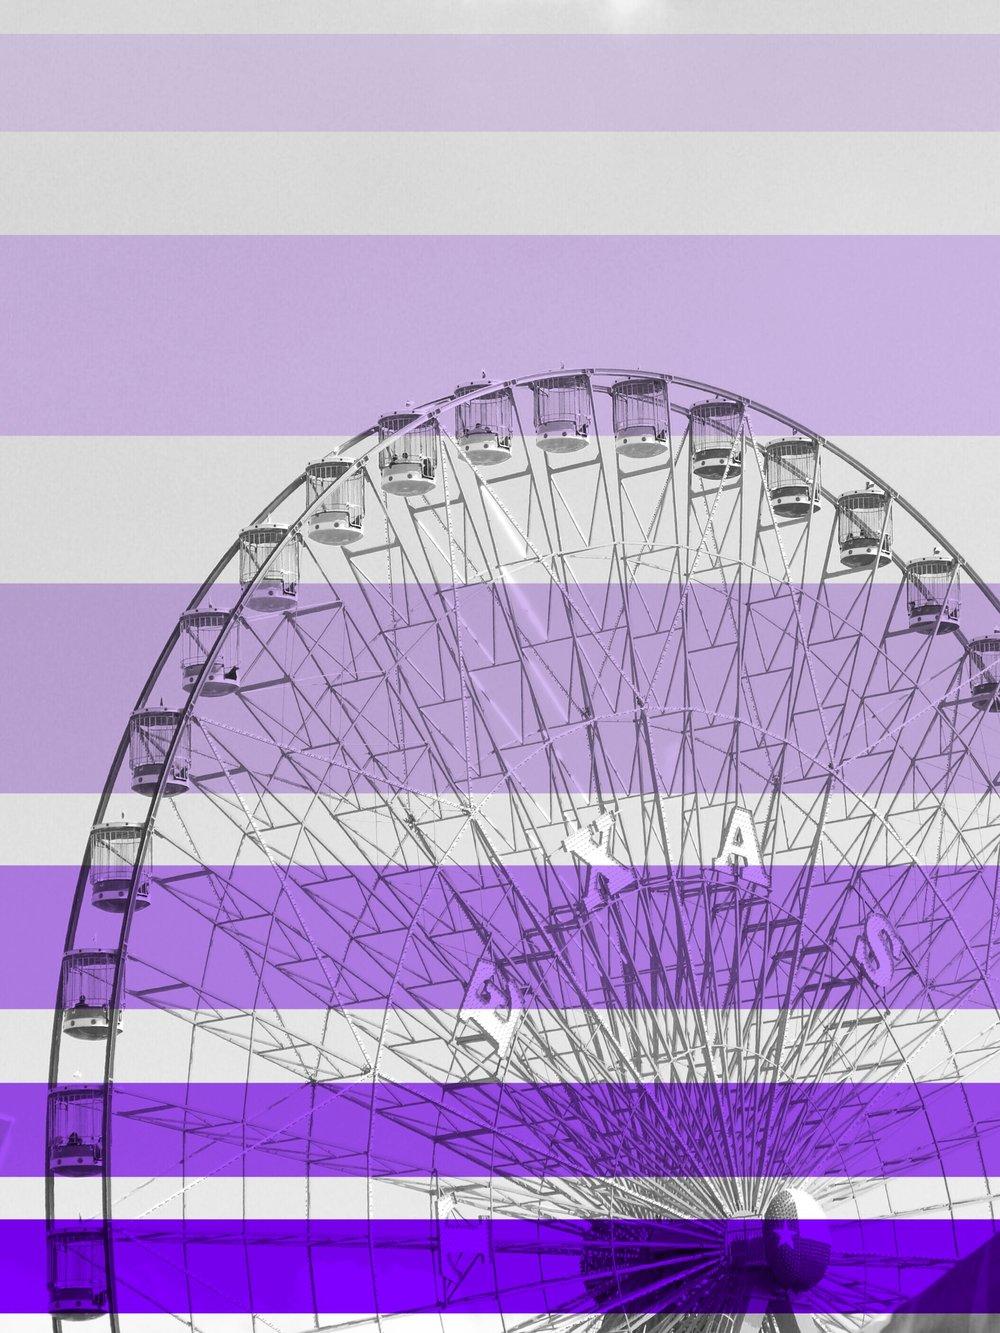 Texas Fair-is Wheel + Stripes